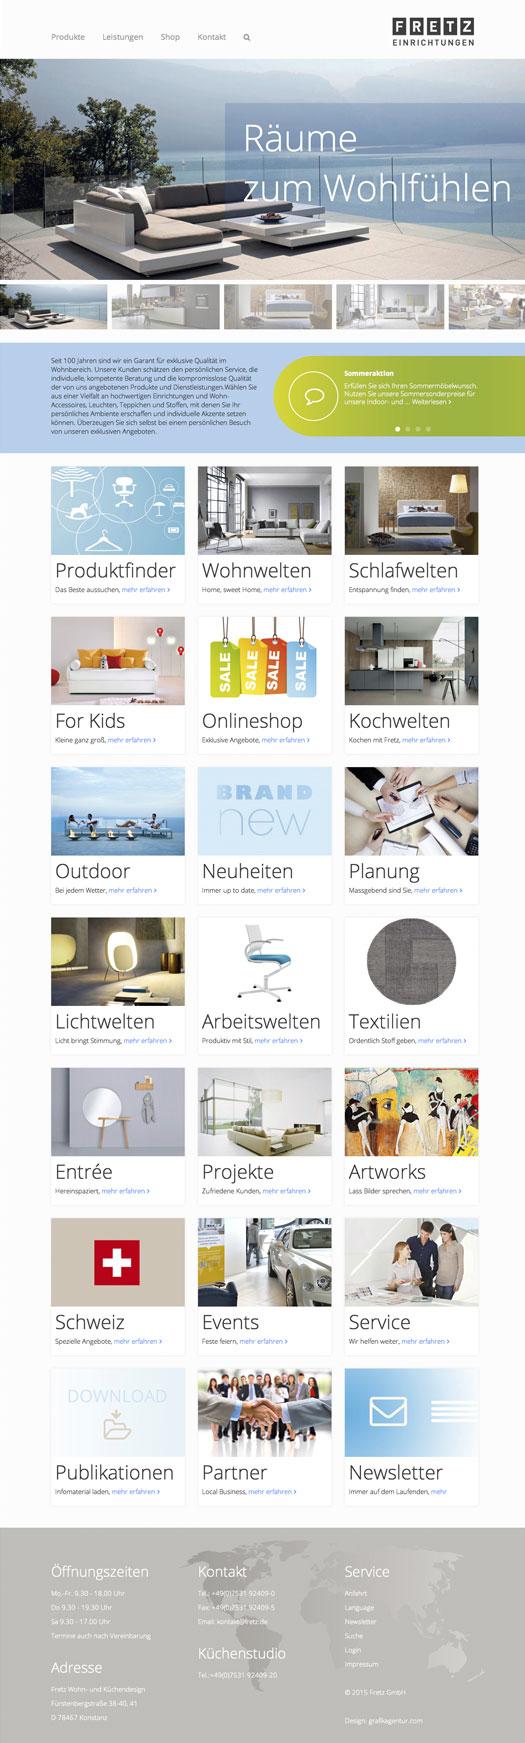 Home Fretz Wohn und Kuechendesign 201506221 Fretz – Neue Website